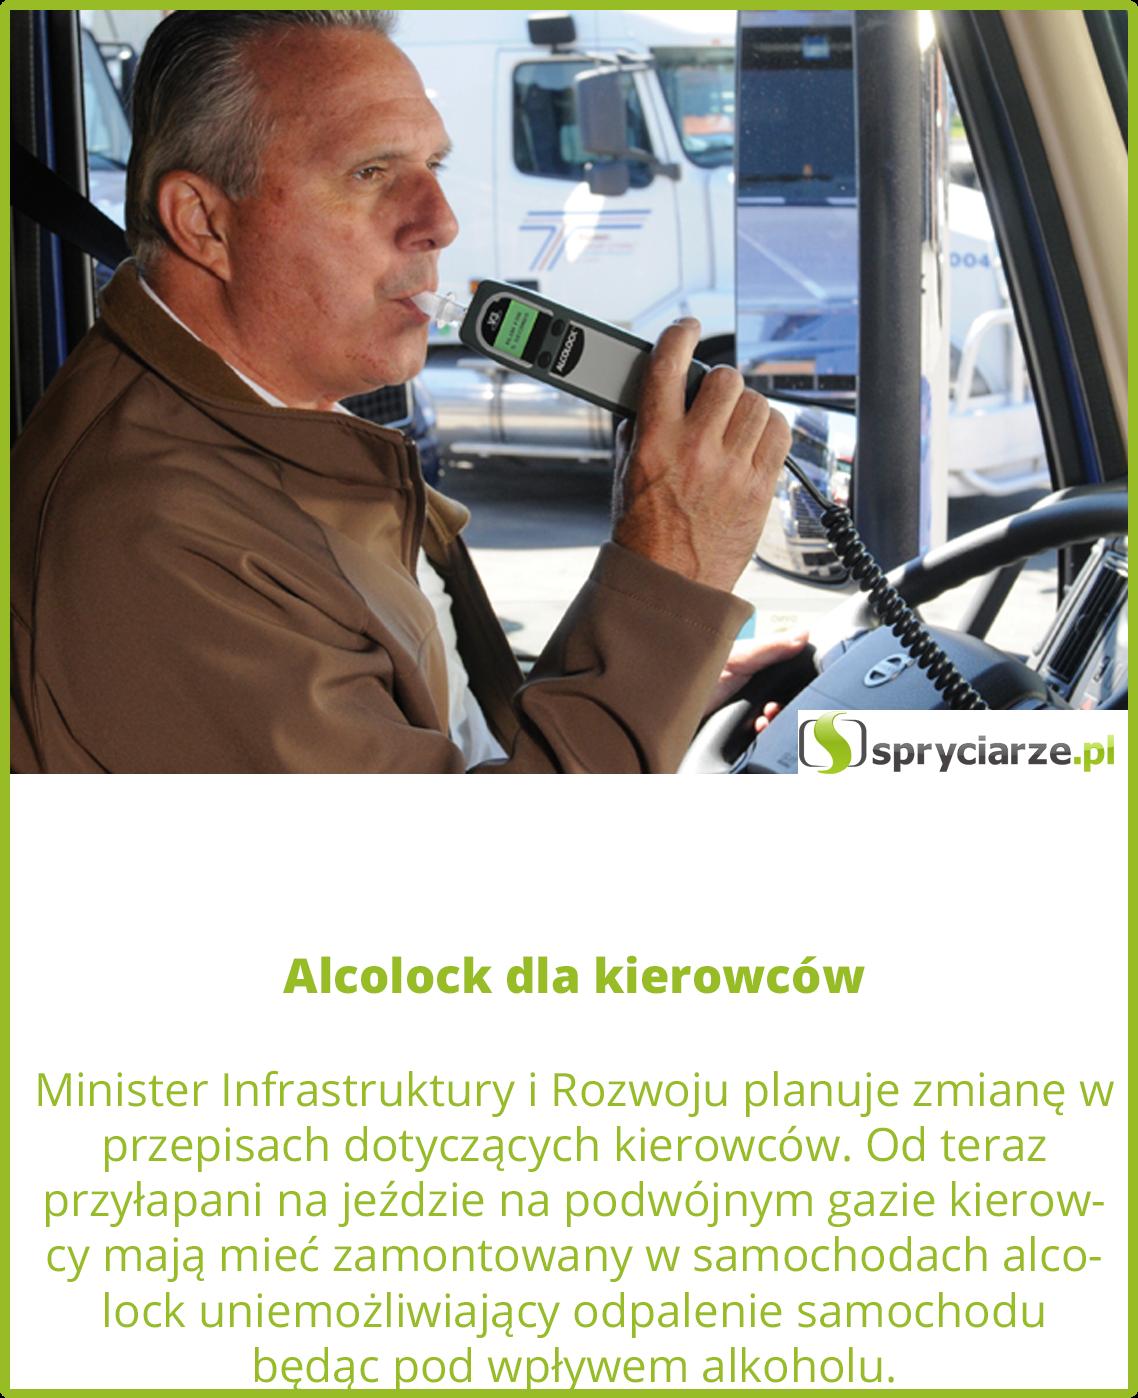 Alcolock dla kierowców